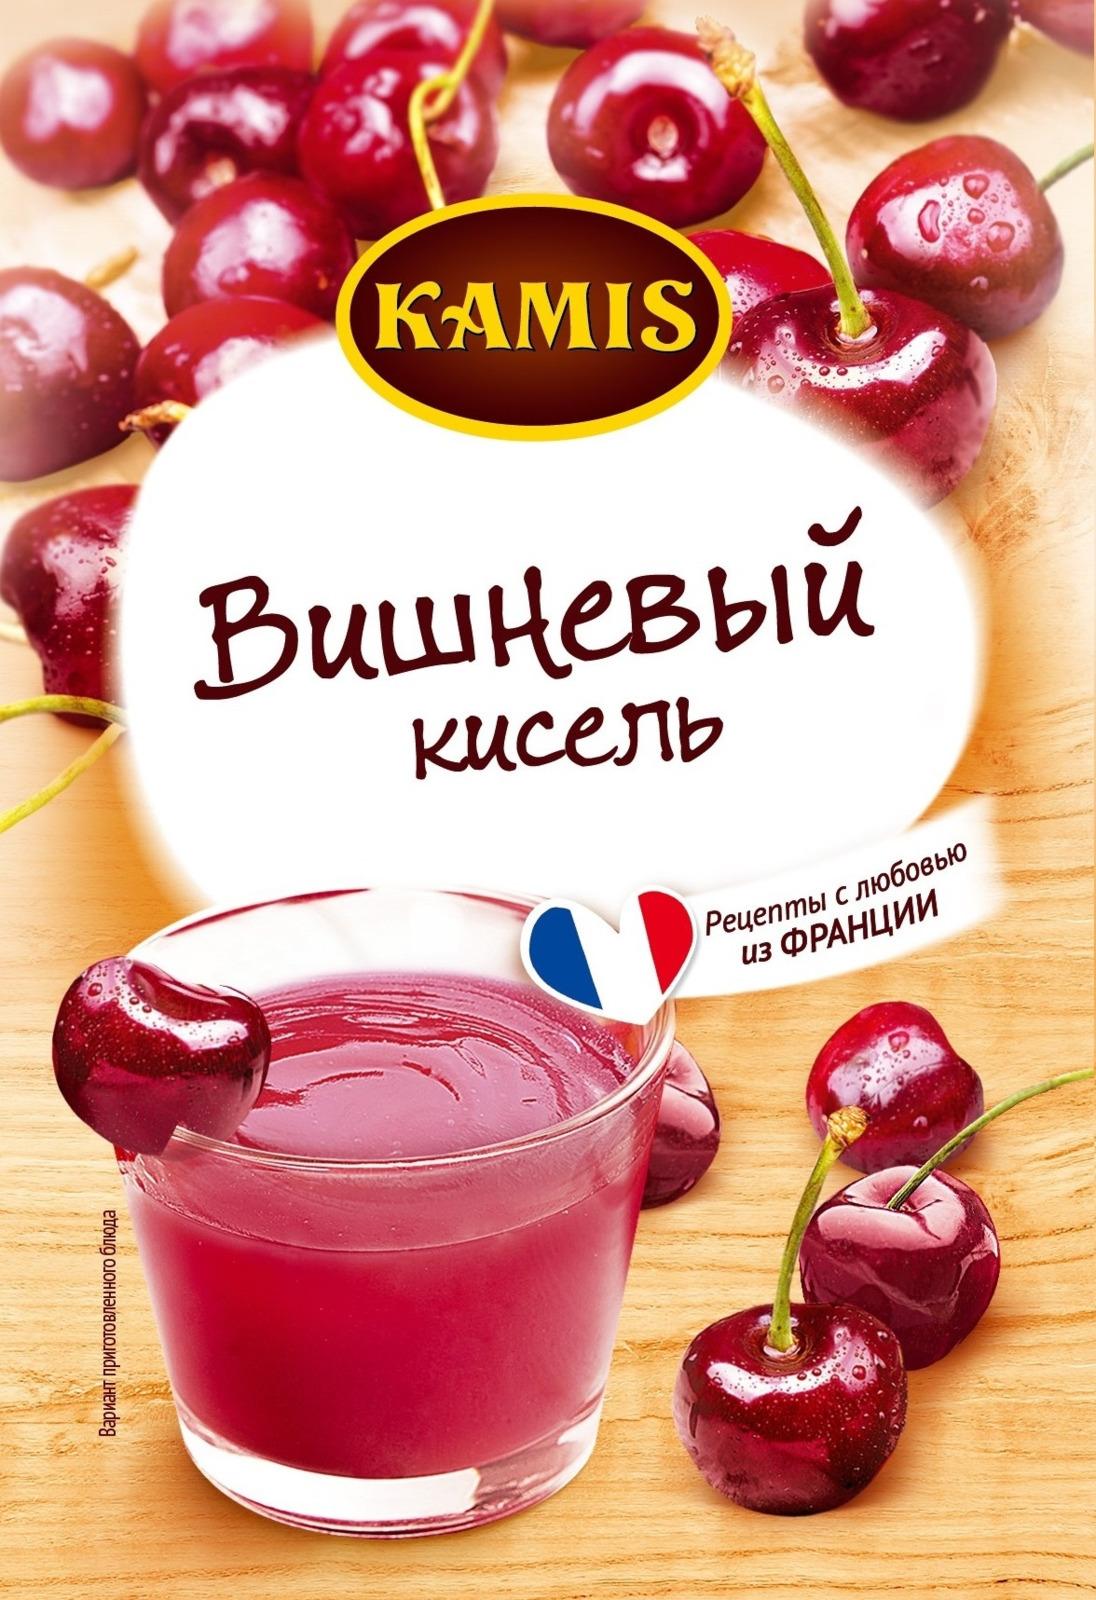 Кисель Kamis Вишневый моментального приготовления, 30 г dr oetker десерт кекс в чашке вишневый 53 г